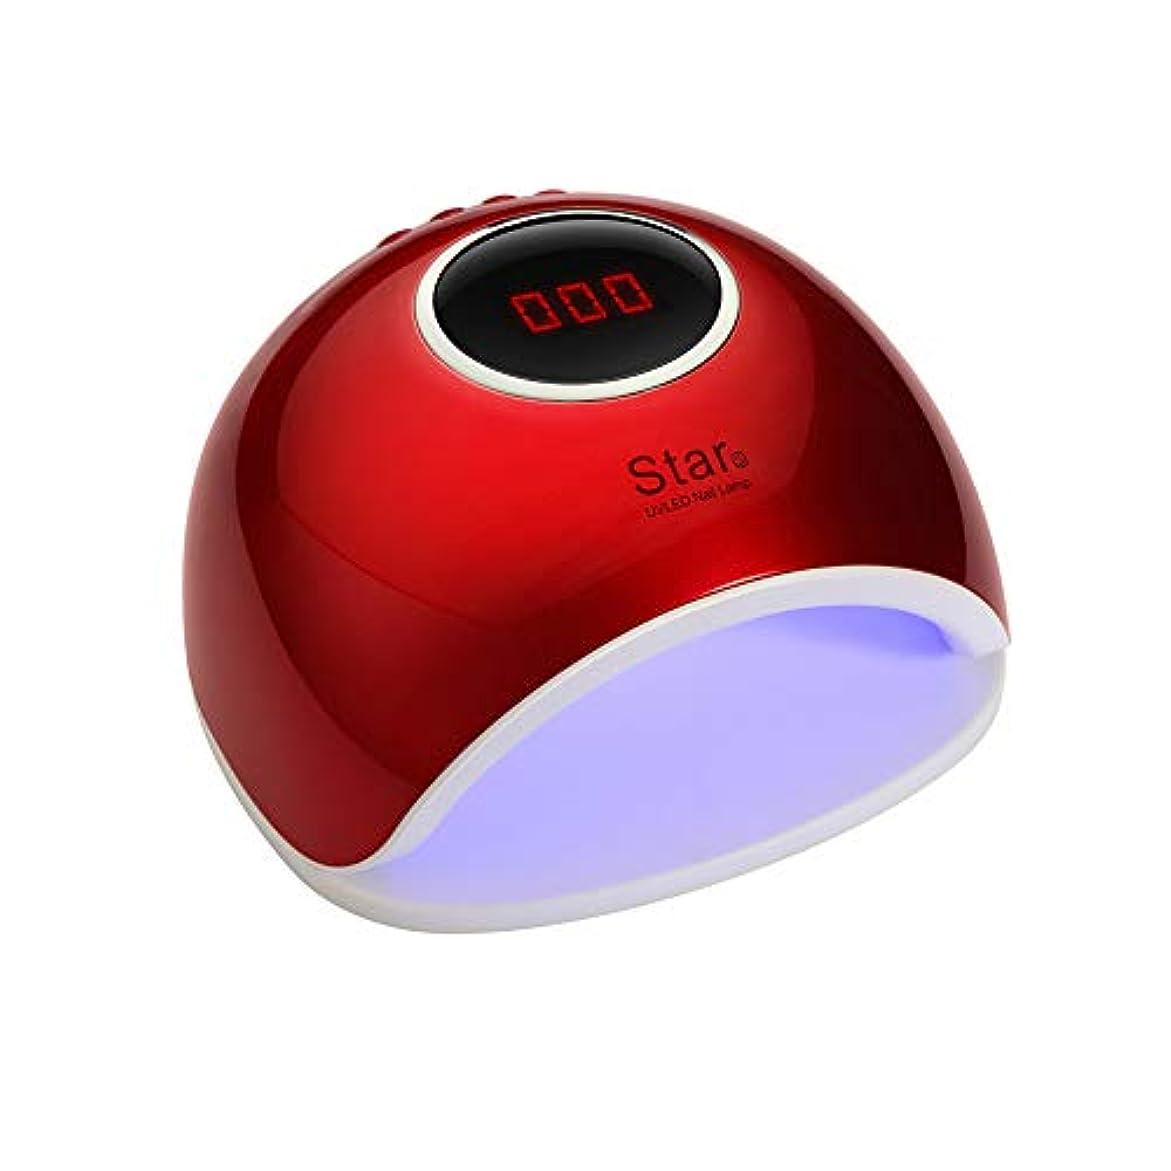 醸造所別々におっとネイルランプ処理機72ワットインテリジェント誘導無痛マニキュアグルーランプベーキングランプインテリジェント誘導ランプ速乾性ドライヤー